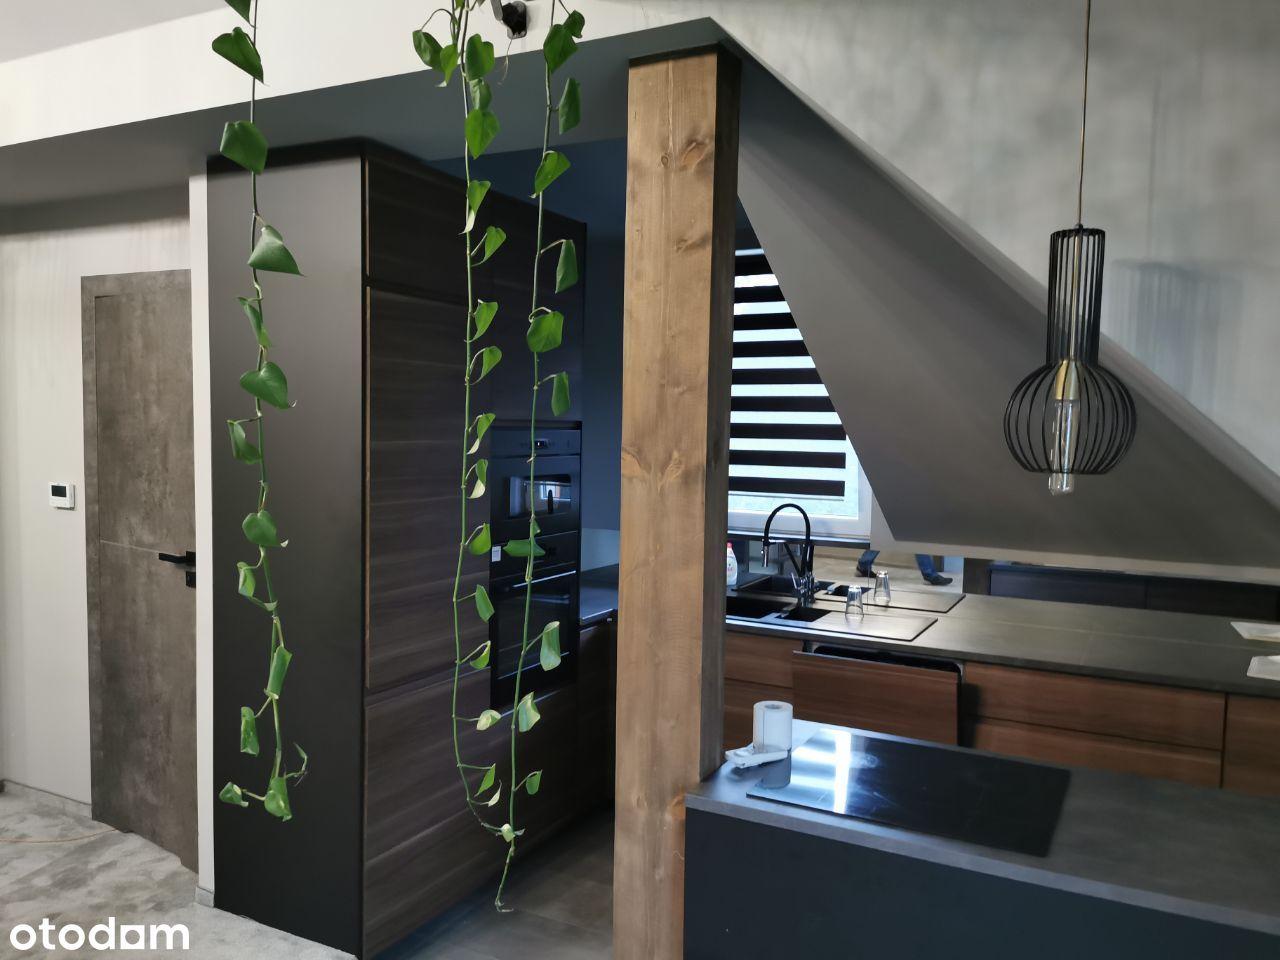 Lokal użytkowy/mieszkanie na wynajem Zakopiańska